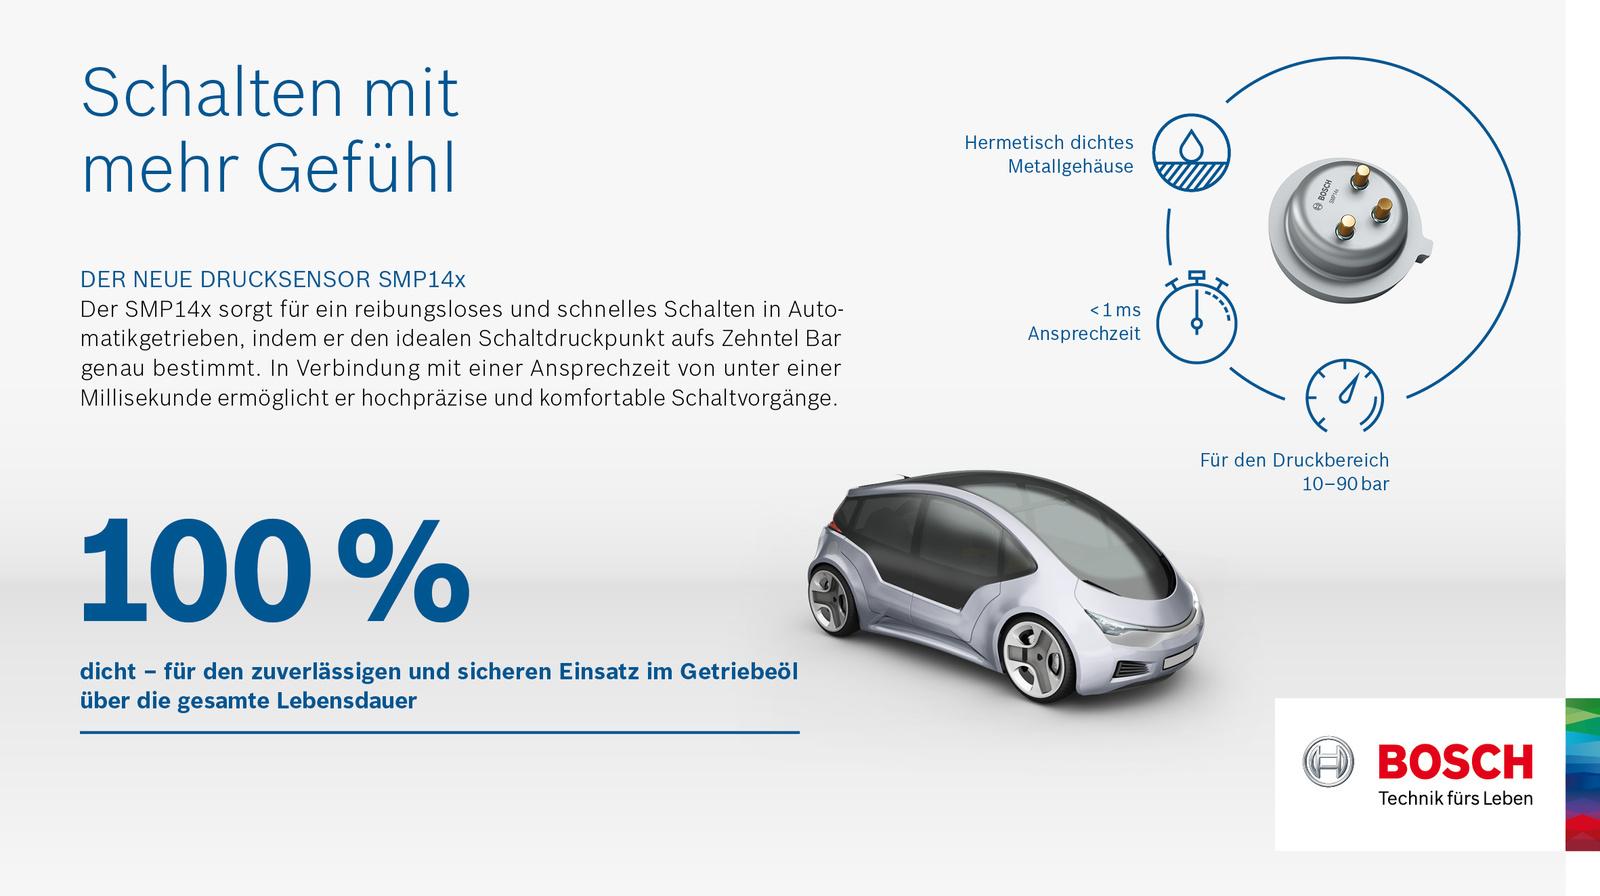 Hydraulischer Drucksensor SMP14x von Bosch verbessert den Fahrkomfort